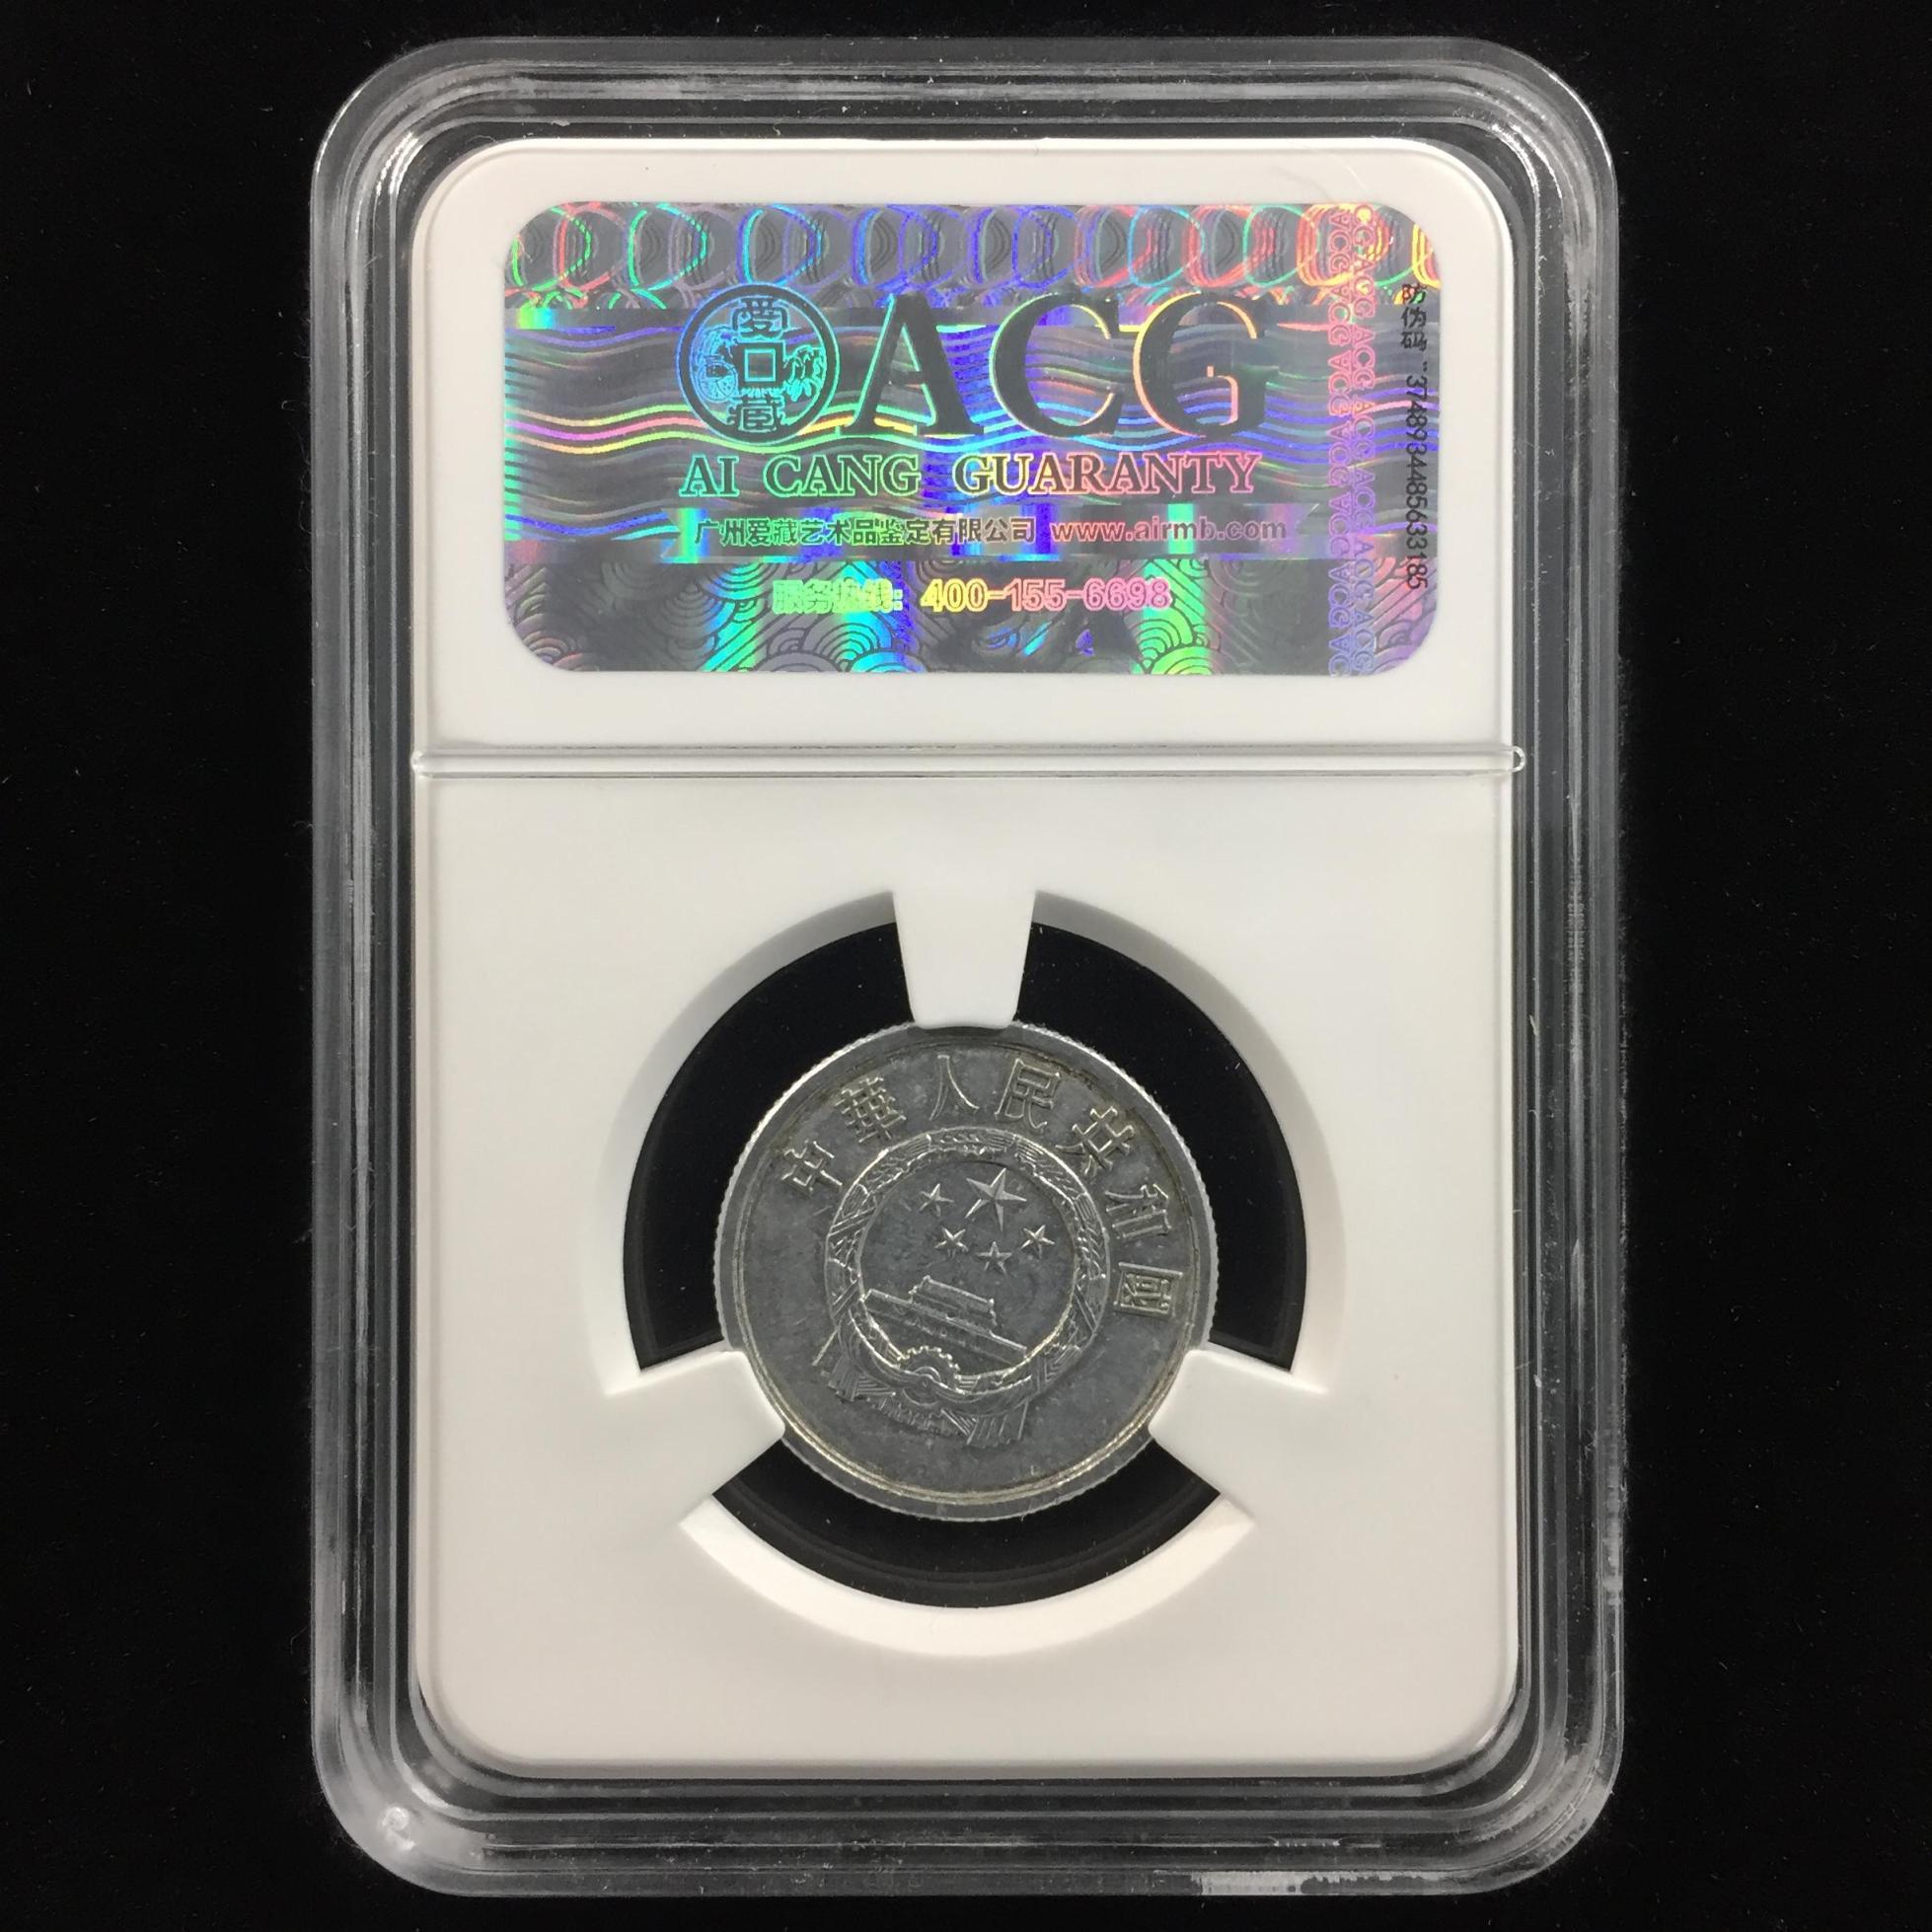 背逆币→1990年5分硬币→ACG鉴定证书-10768290